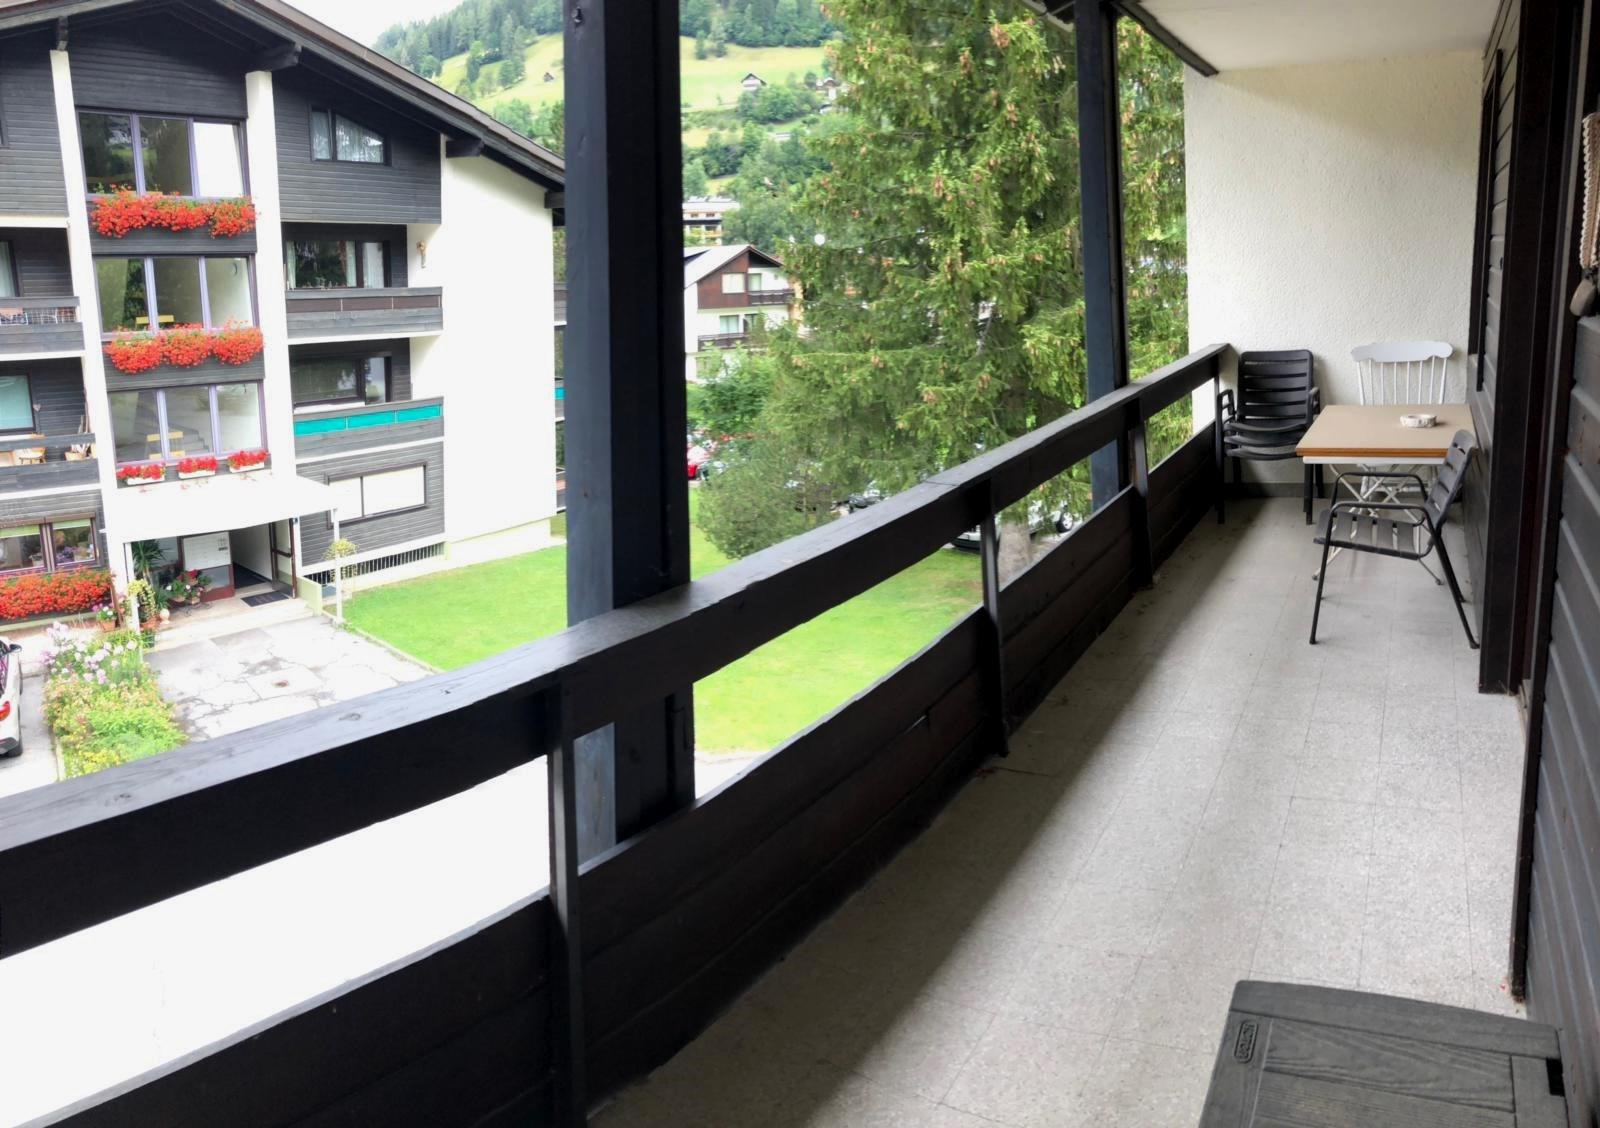 Bad Kleinkirchheim, Kaernten, Ferienwohnung (DRAGI) mit 1 Schlafzimmer und Balkon in Bach